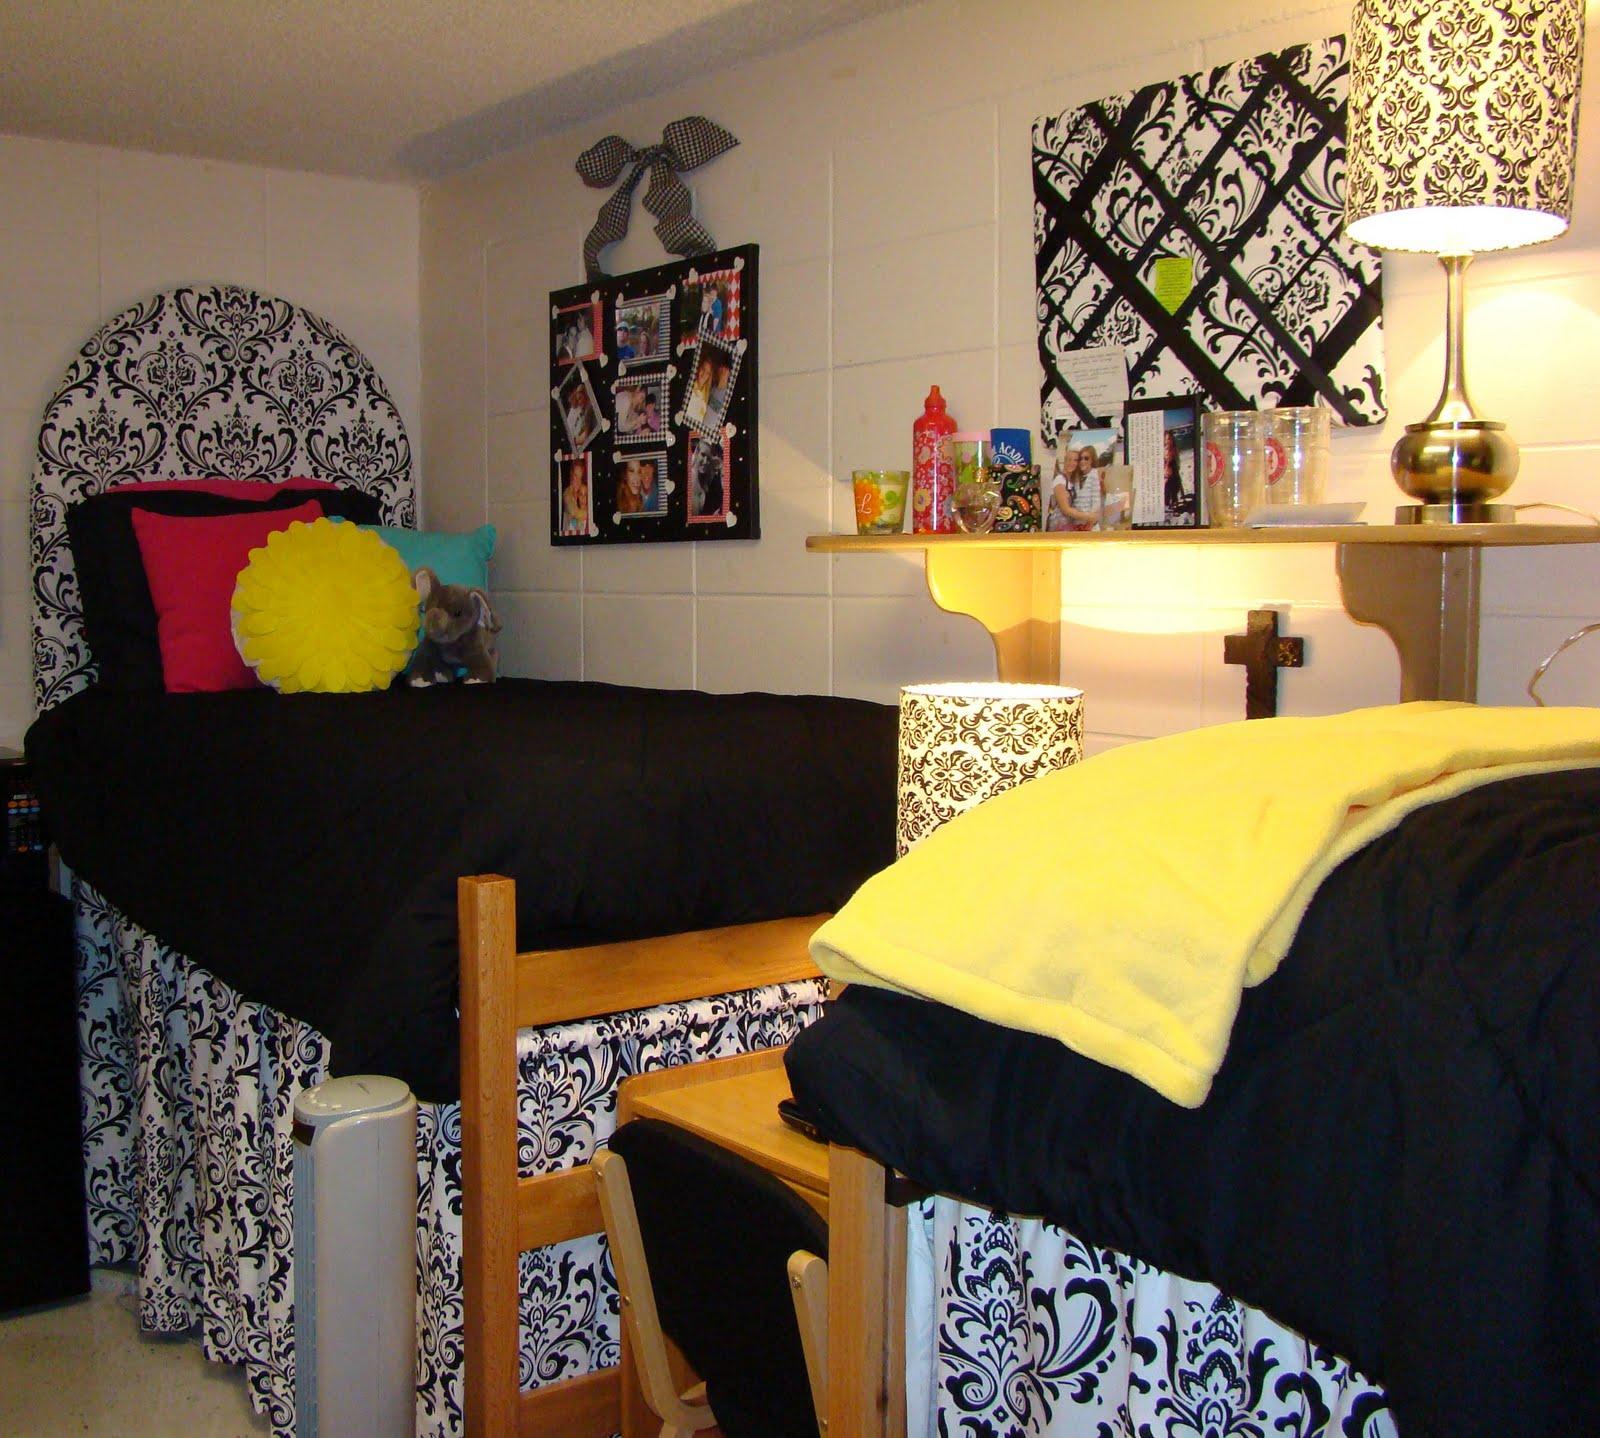 doodlebug designs mg Dorm Room Upholstered Headboard